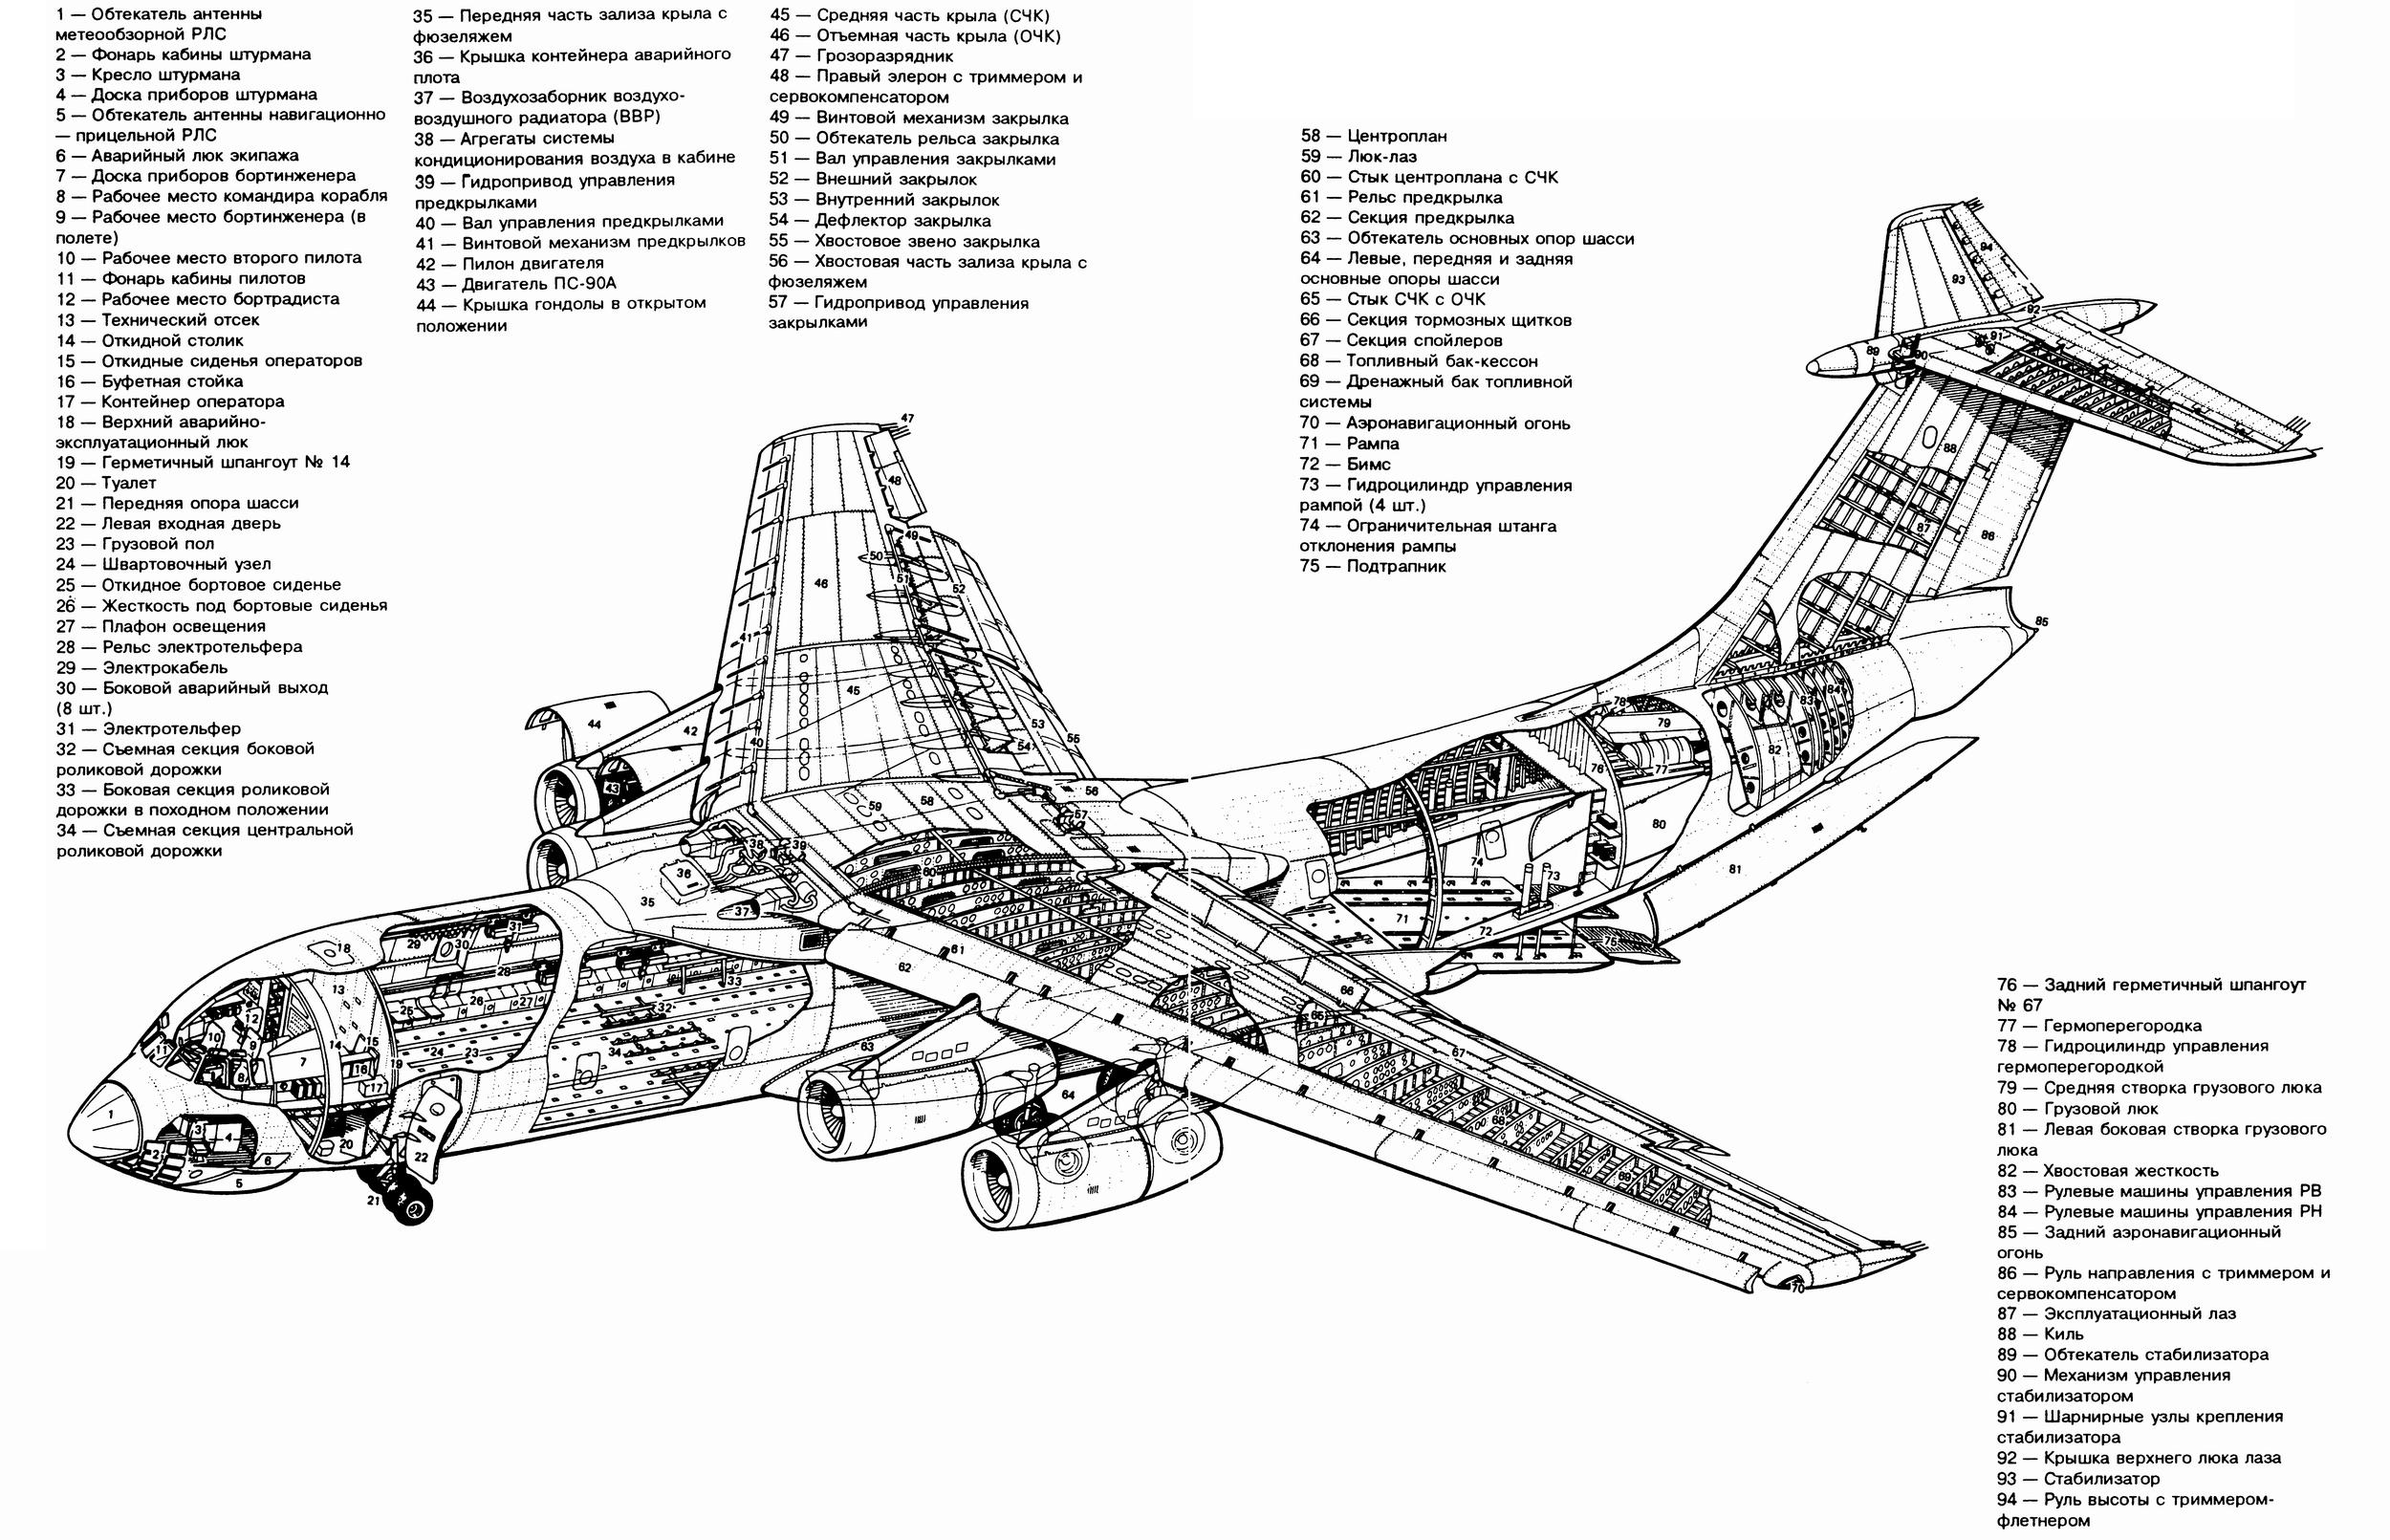 Схема ИЛ-476